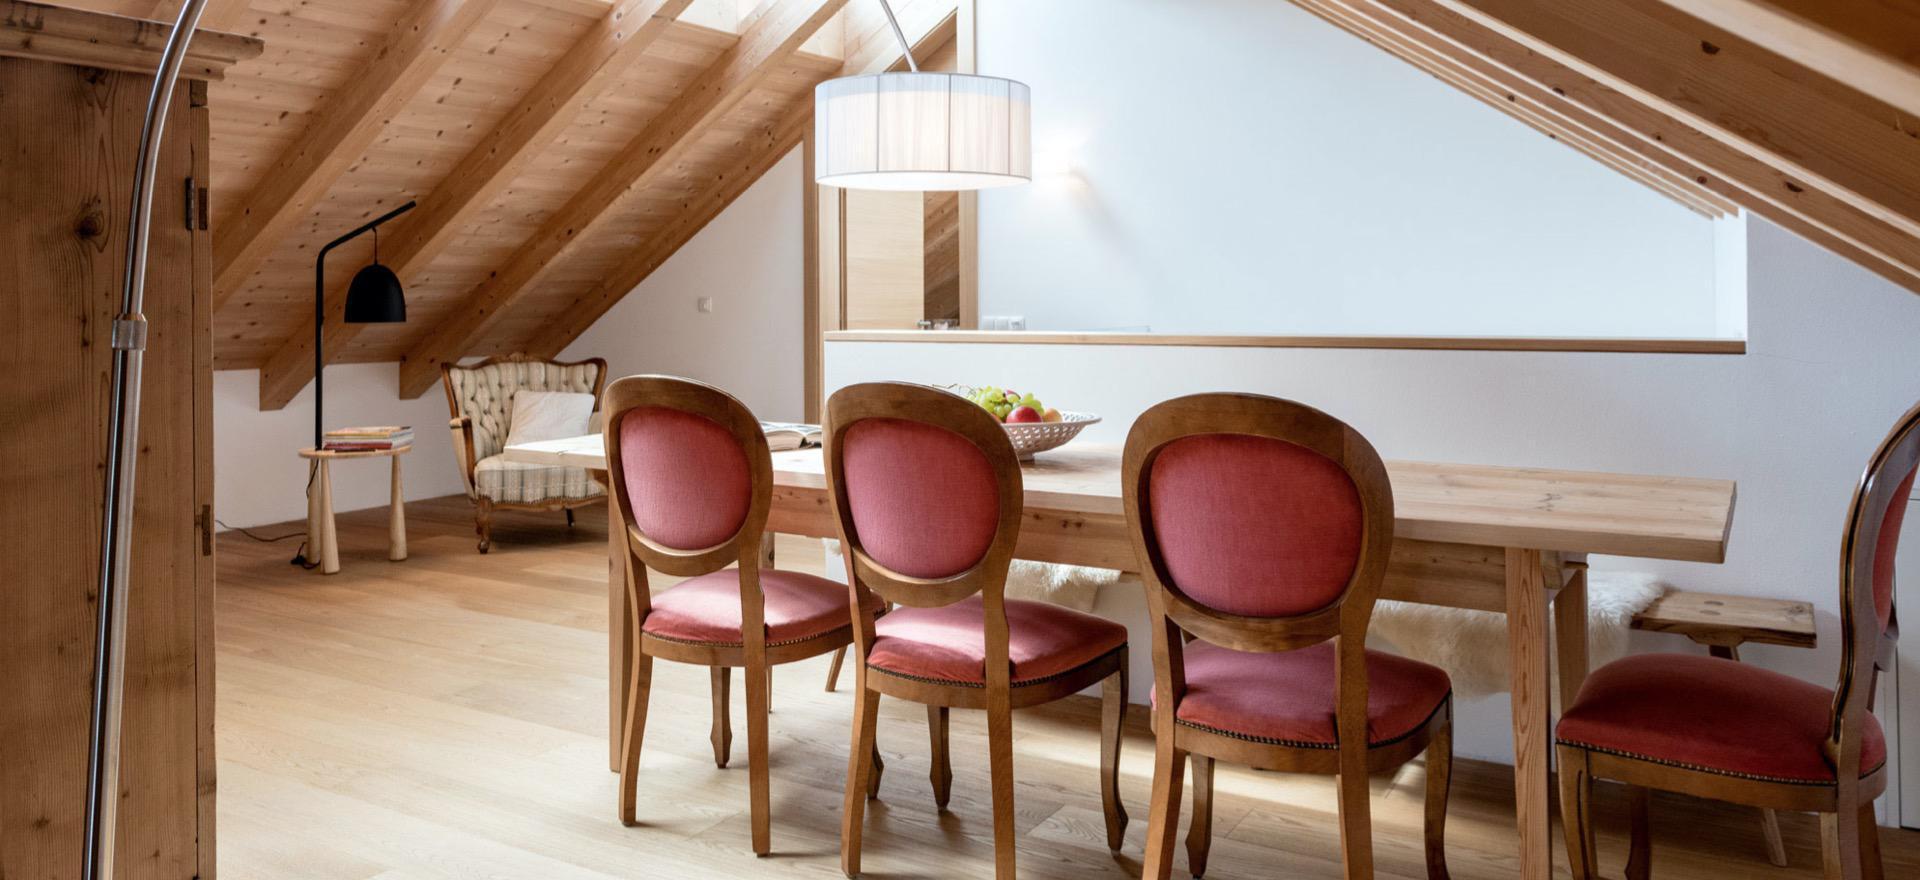 Luxe agriturismo met B&B kamers en Sudtiroler gastvrijheid